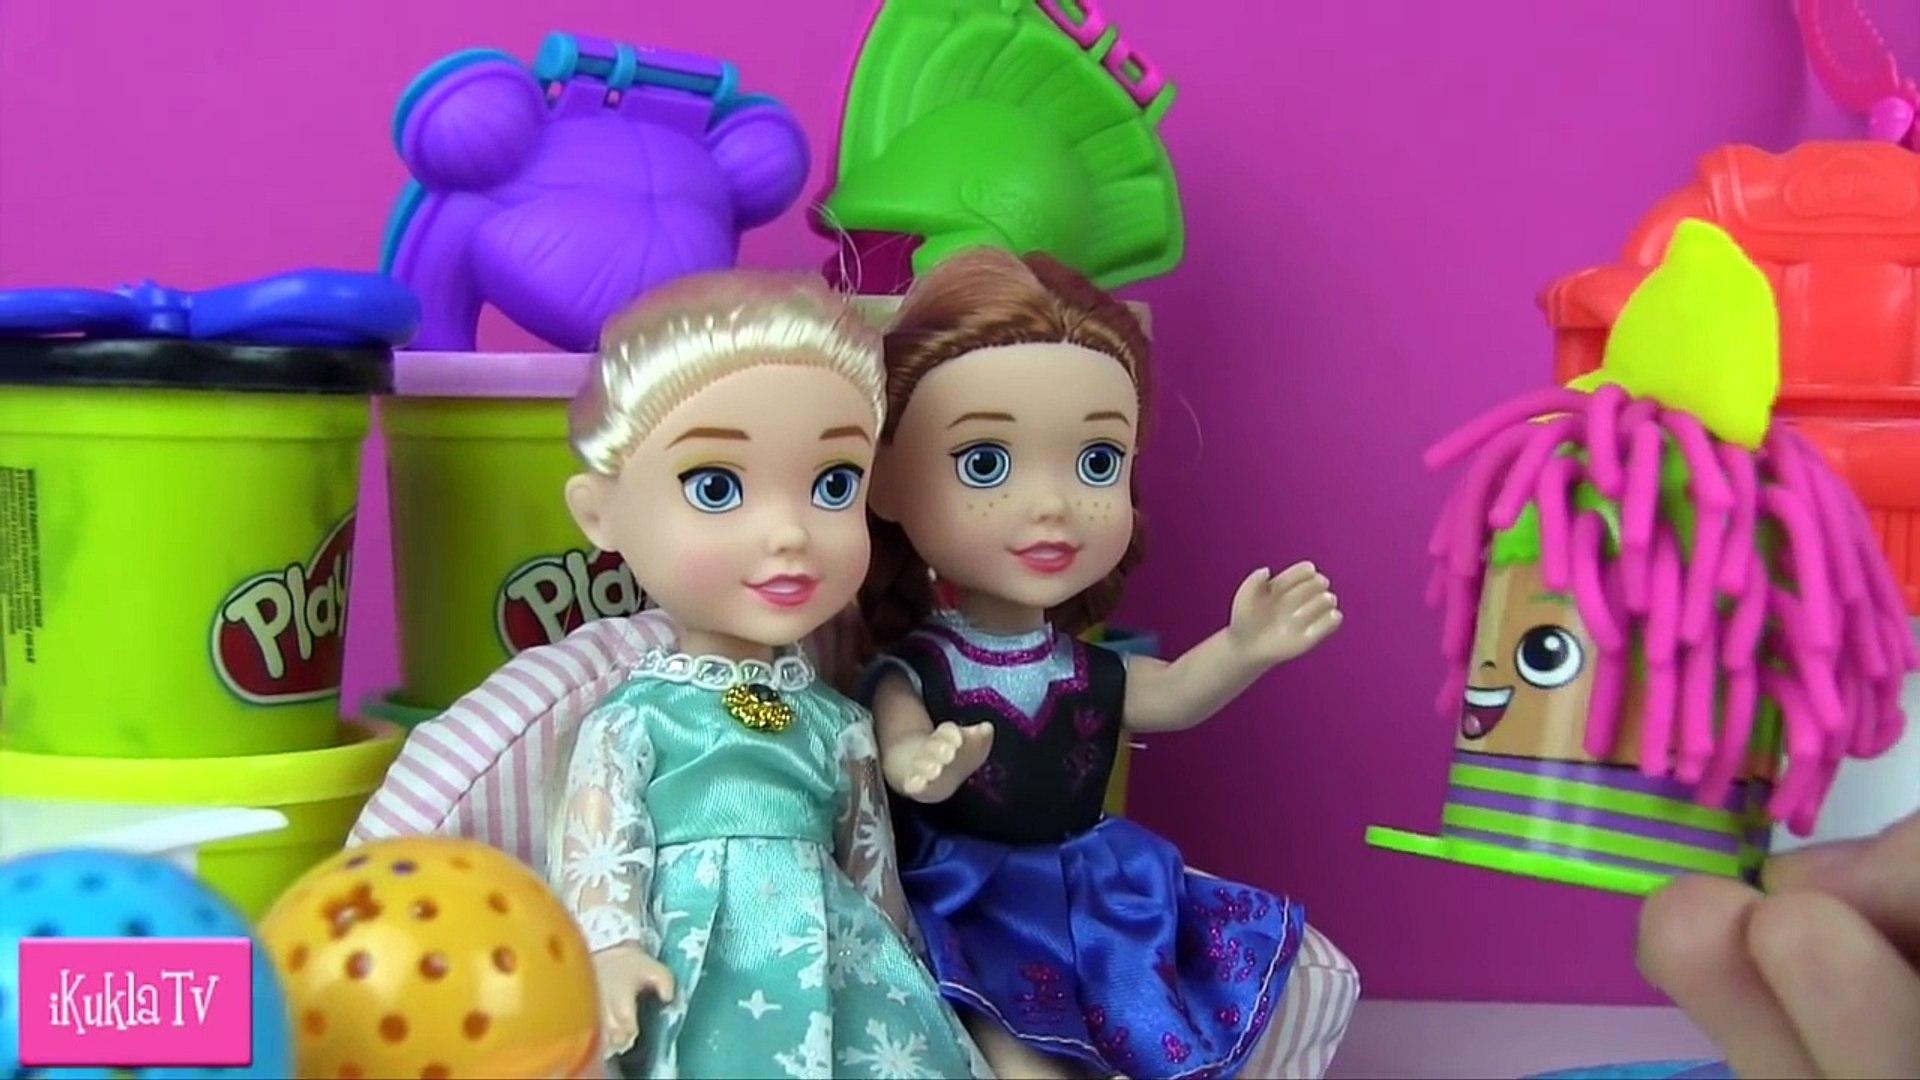 Куклы Дети Анна Эльза Салон Красоты Crazy cuts hair designer salon Play doh Плей До Прически Мульт